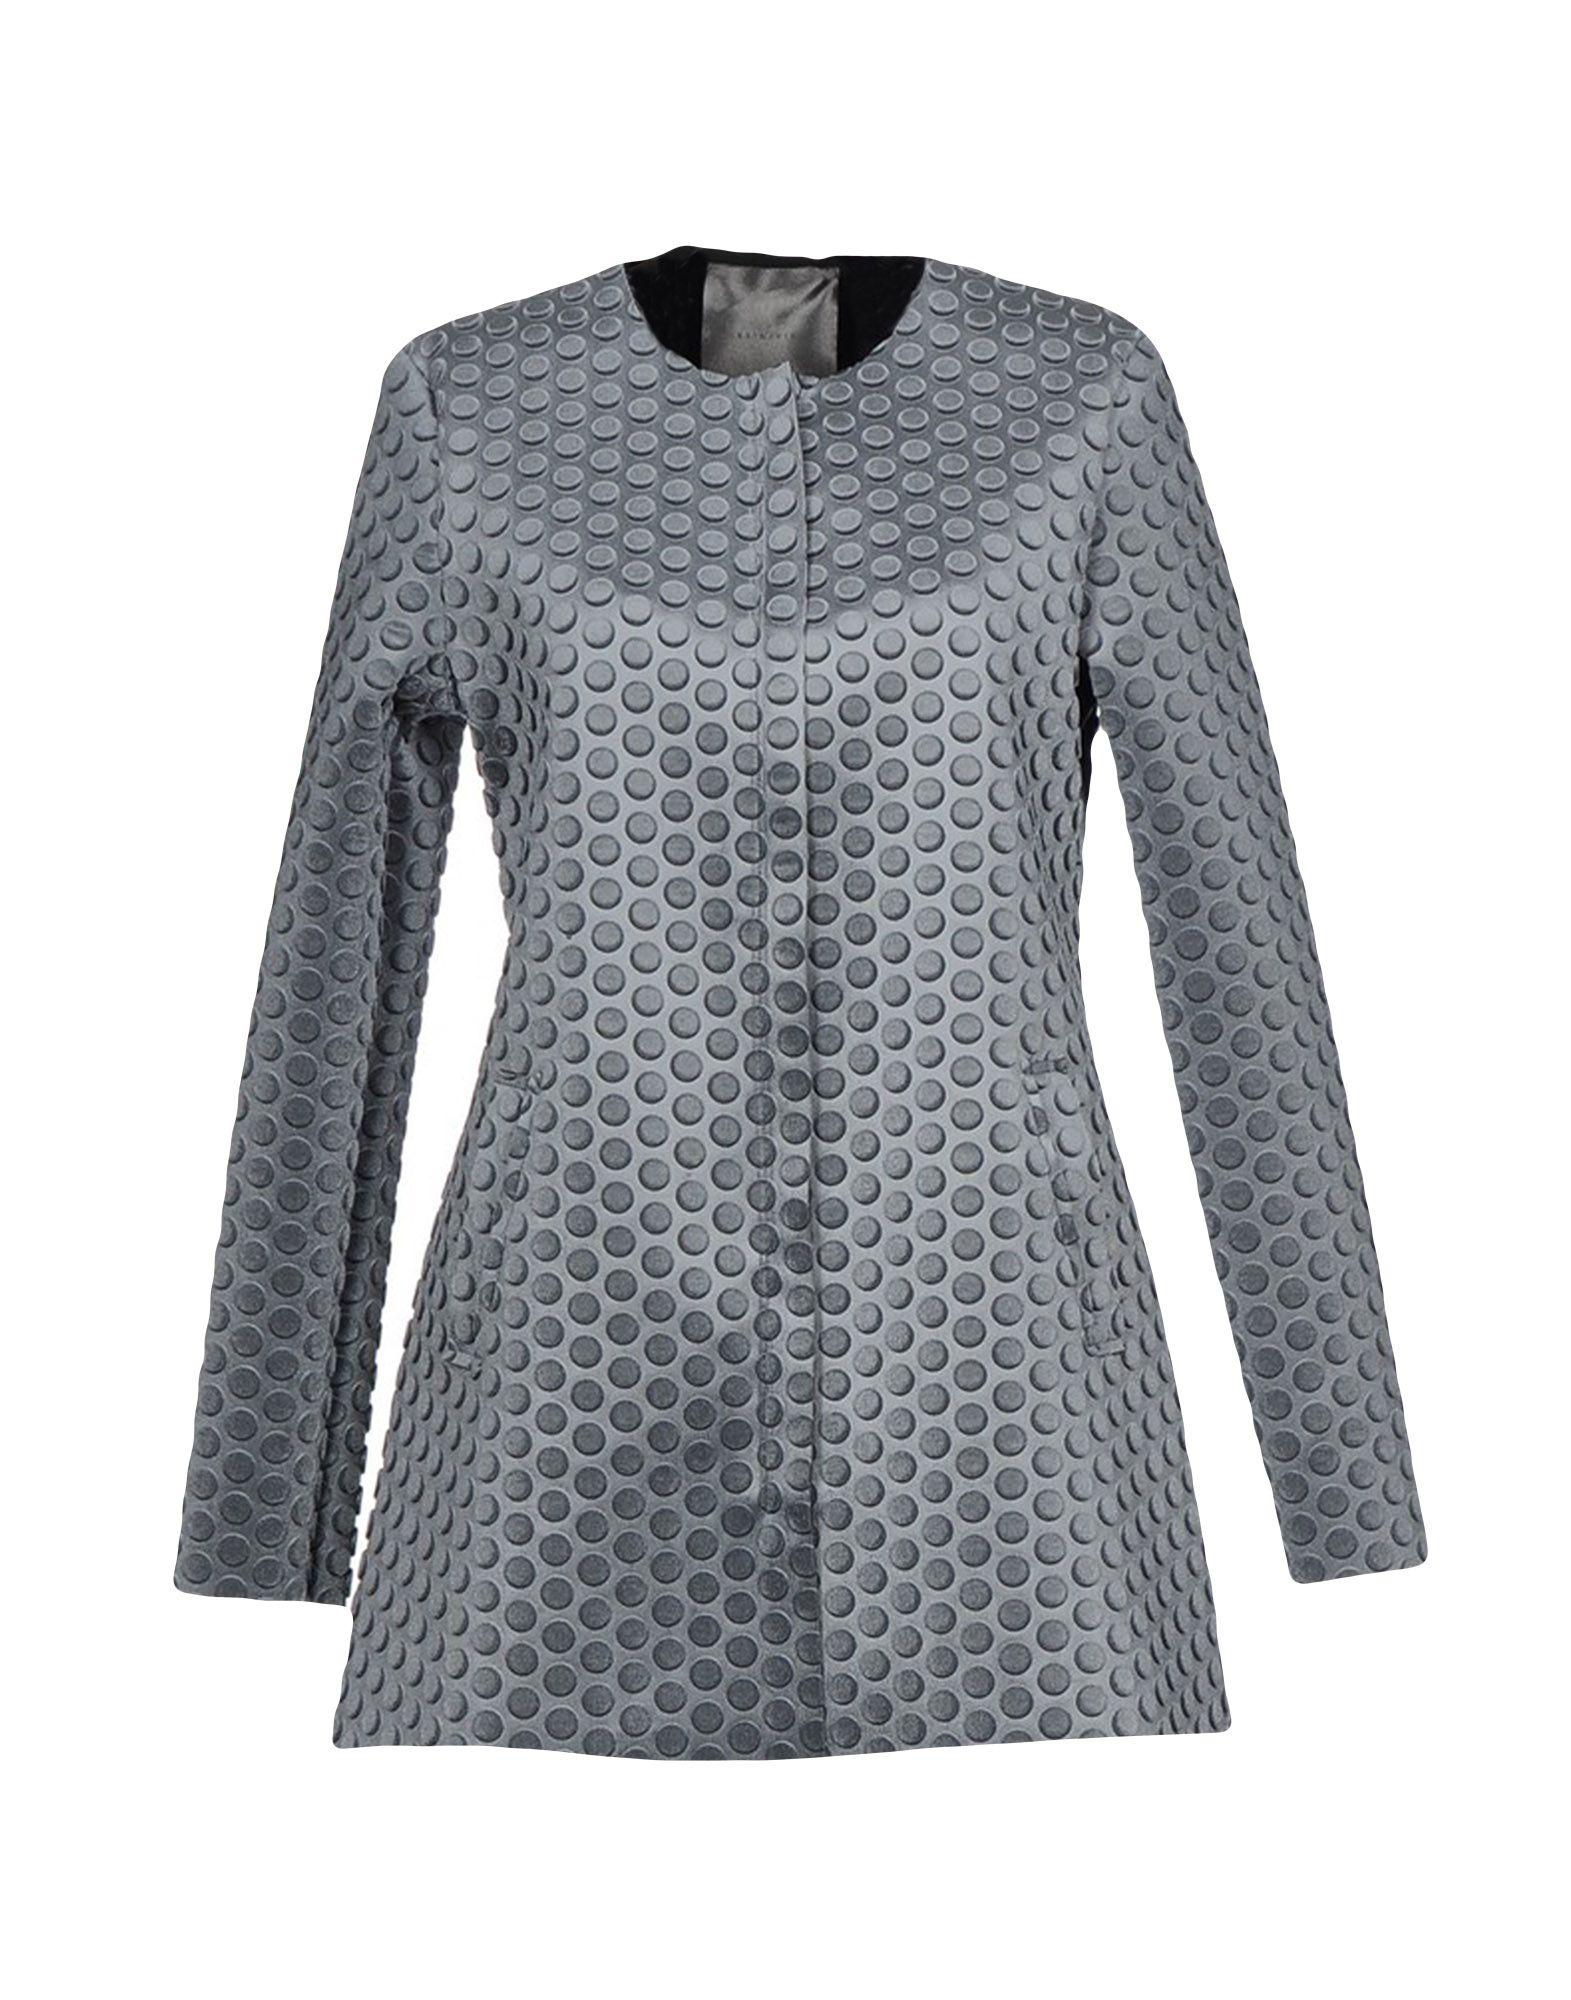 ES´GIVIEN Damen Lange Jacke Farbe Grau Größe 6 jetztbilligerkaufen